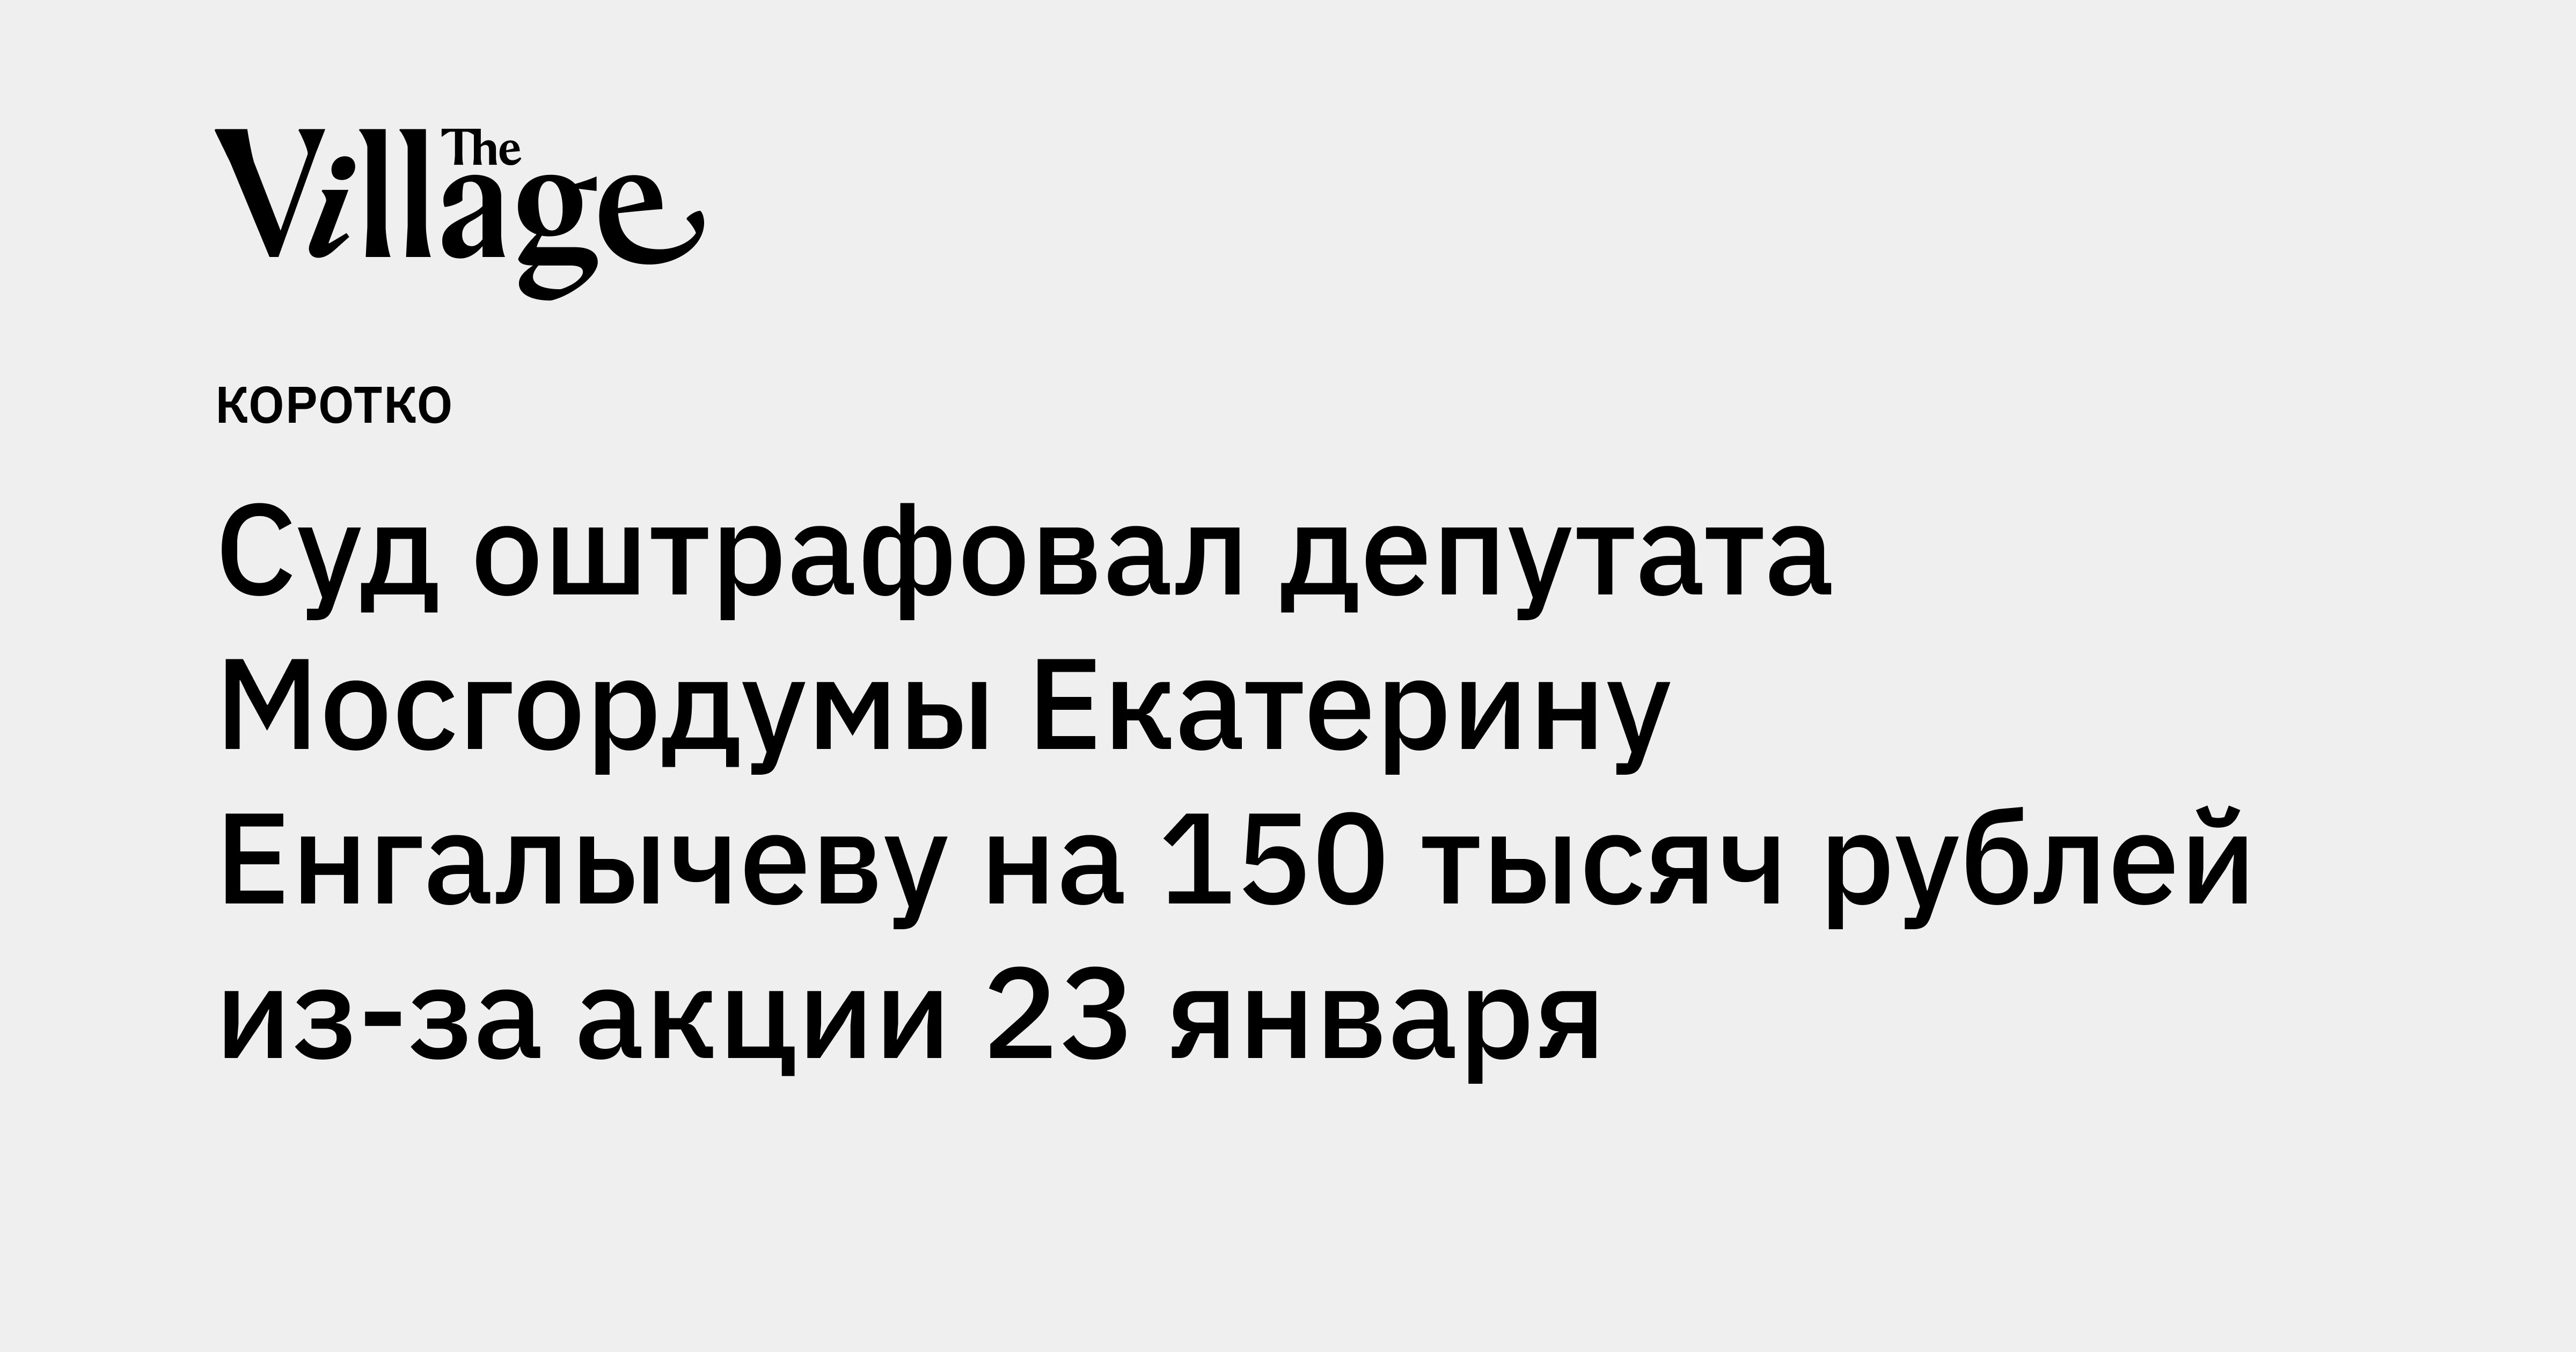 Суд оштрафовал депутата Мосгордумы Екатерину Енгалычеву на150тысяч рублей из-за акции 23января